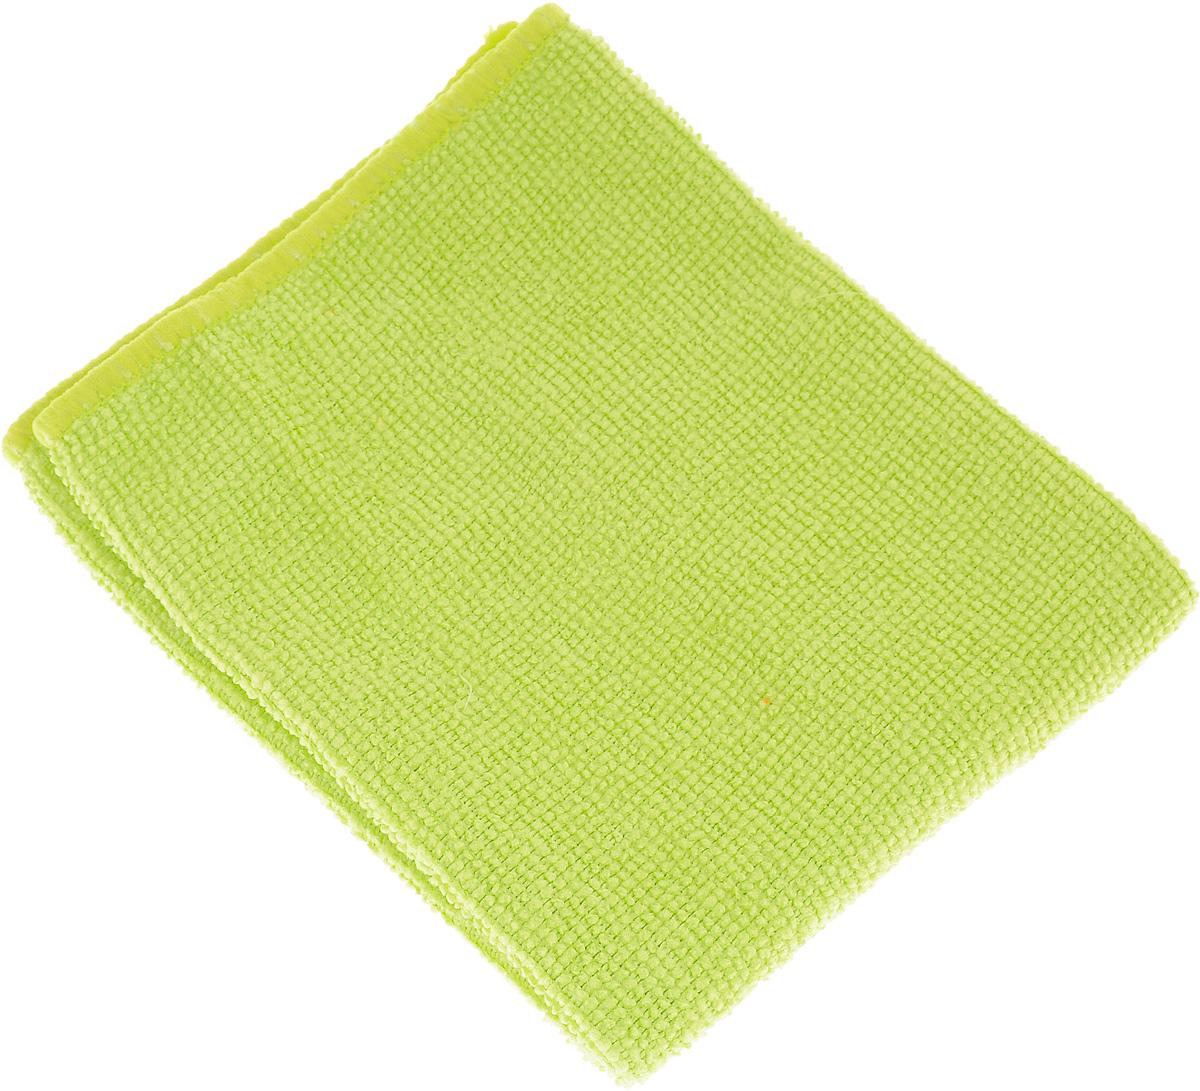 Салфетка из микрофибры Rexxon, универсальная, 35 х 35 см2-6-1-3-2Универсальная салфетка Rexxon выполнена из высококачественного полиэстера и полиамида. Благодаря своей структуре она эффективно удаляет с твердых поверхностей грязь, следы засохших насекомых. Микрофибра удаляет грязь с поверхности намного эффективнее, быстрее и значительно более бережно в сравнении с обычной тканью, что существенно снижает время на проведение уборки, поскольку отсутствует необходимость протирать одно и то же место дважды. Использовать салфетку можно для чистки как наружных, так и внутренних поверхностей автомобиля. Используя подобную мягкую ткань, можно проникнуть даже в самые труднодоступные места и эффективно очистить от пыли и бактерий все поверхности. Микрофибра устойчива к истиранию, ее можно быстро вернуть к первоначальному виду с помощью ручной стирки при температуре 60°С. Приобретая микрофибровые изделия для чистки автомобиля, каждый владелец сможет обеспечить достойный уход за любимым...